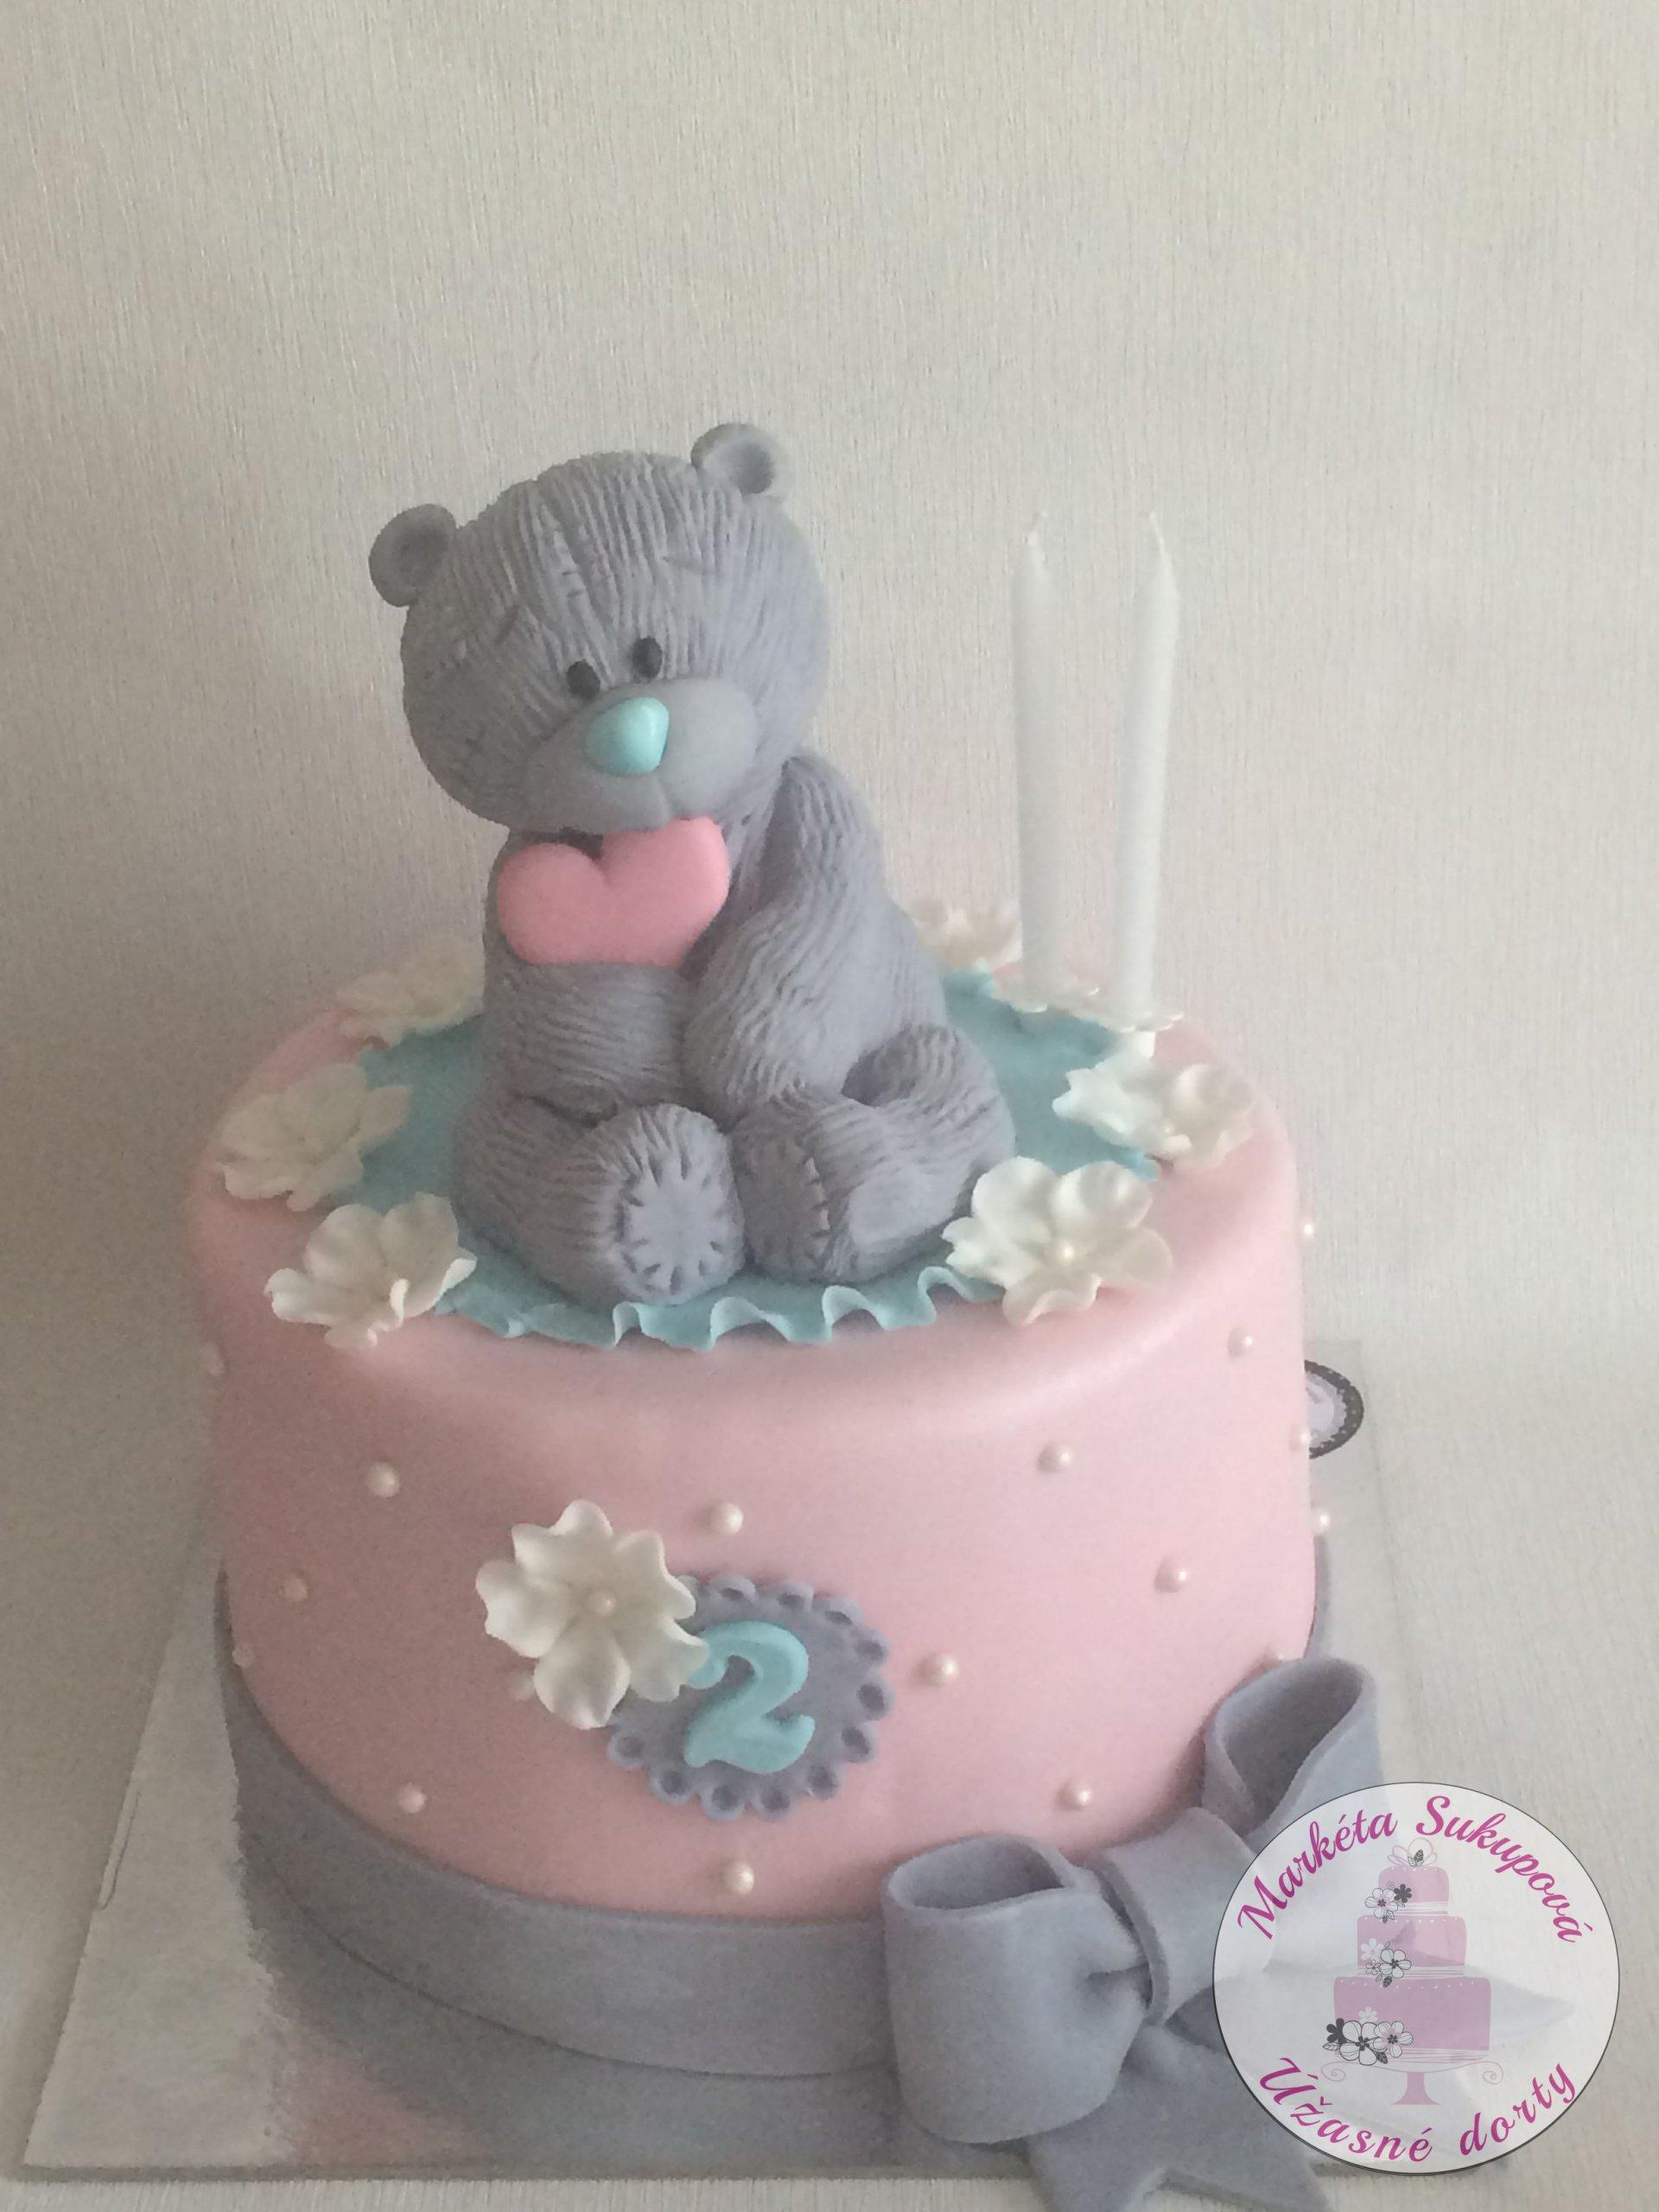 dětské dorty k narozeninám Dětské dorty   Úžasné dorty   Markéta Sukupová dětské dorty k narozeninám